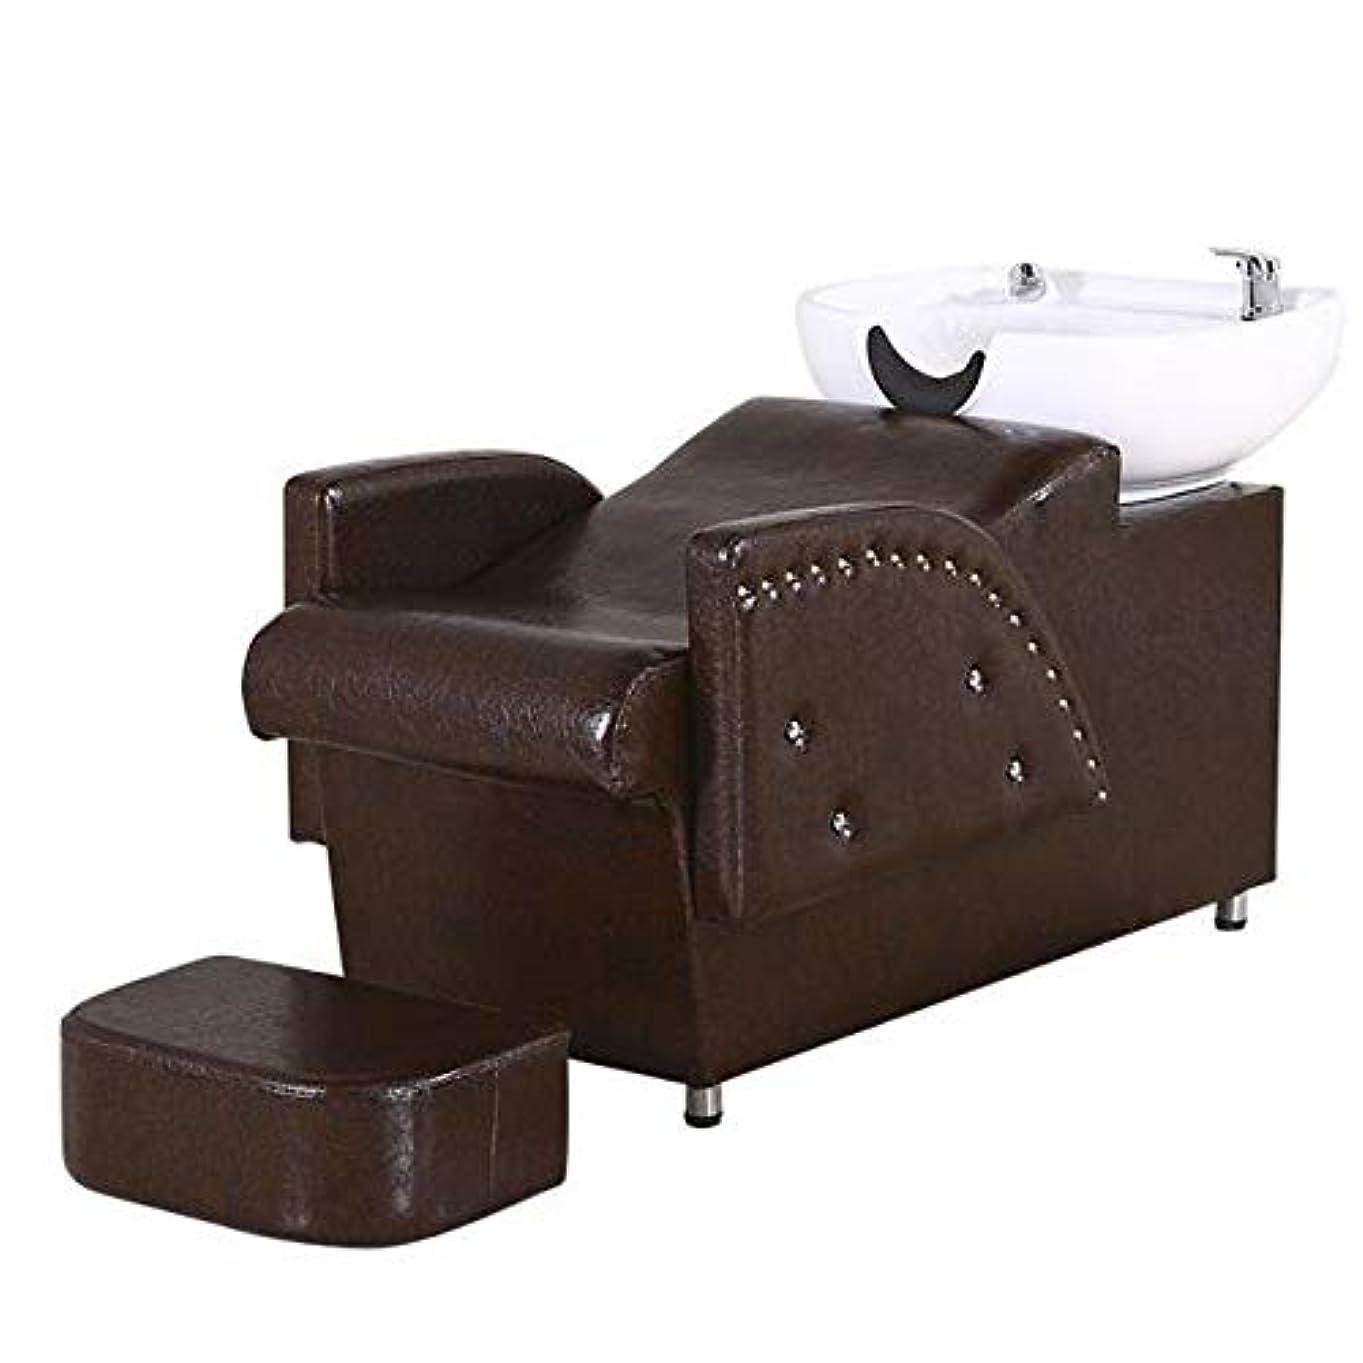 不和矩形タクシーシャンプー椅子、逆洗ユニットシャンプーボウル理髪シンク椅子スパ美容院機器半横臥シャンプーベッド